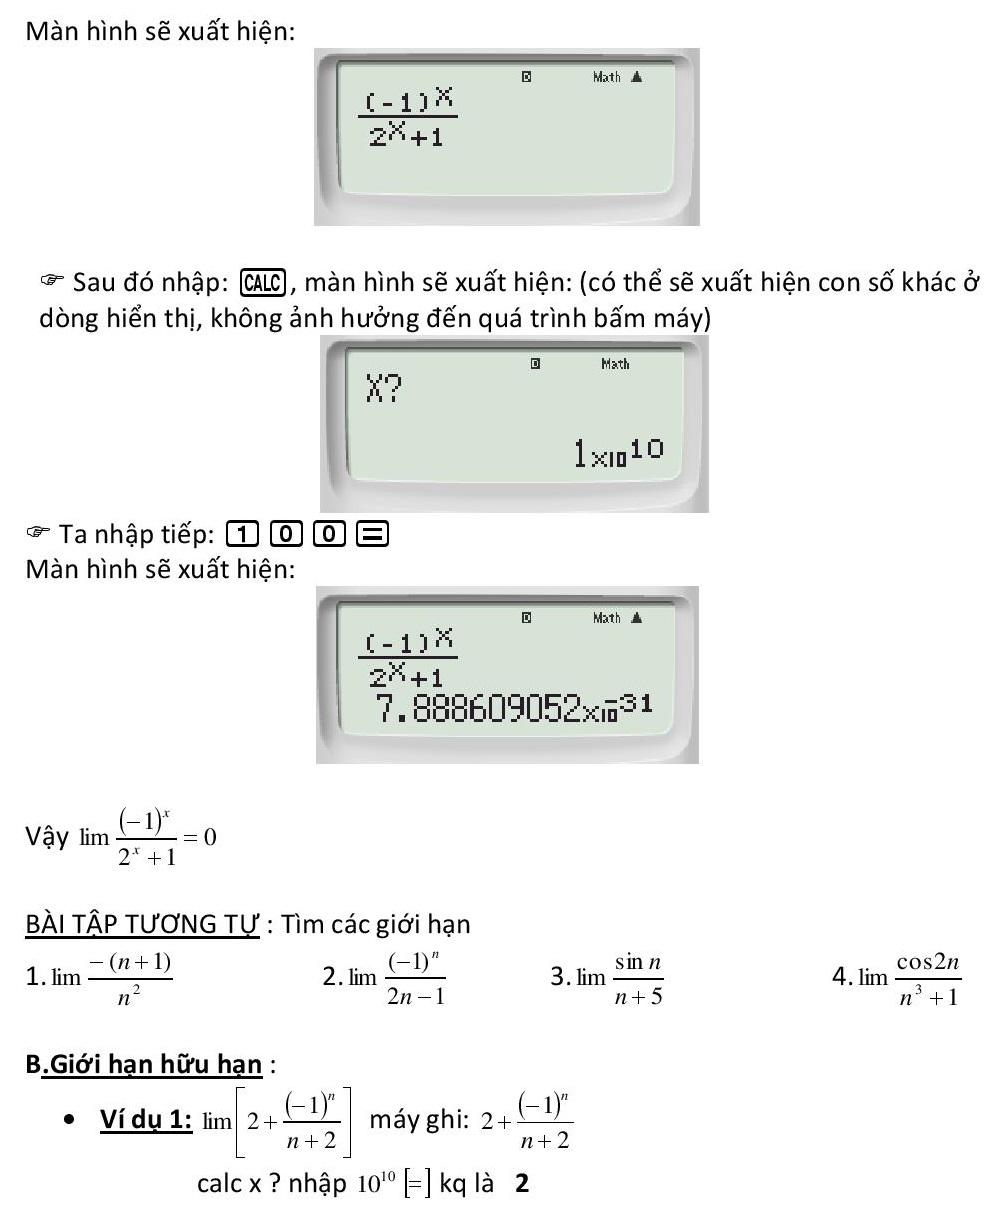 giới hạn dãy số và giới hạn hàm số (3).jpg